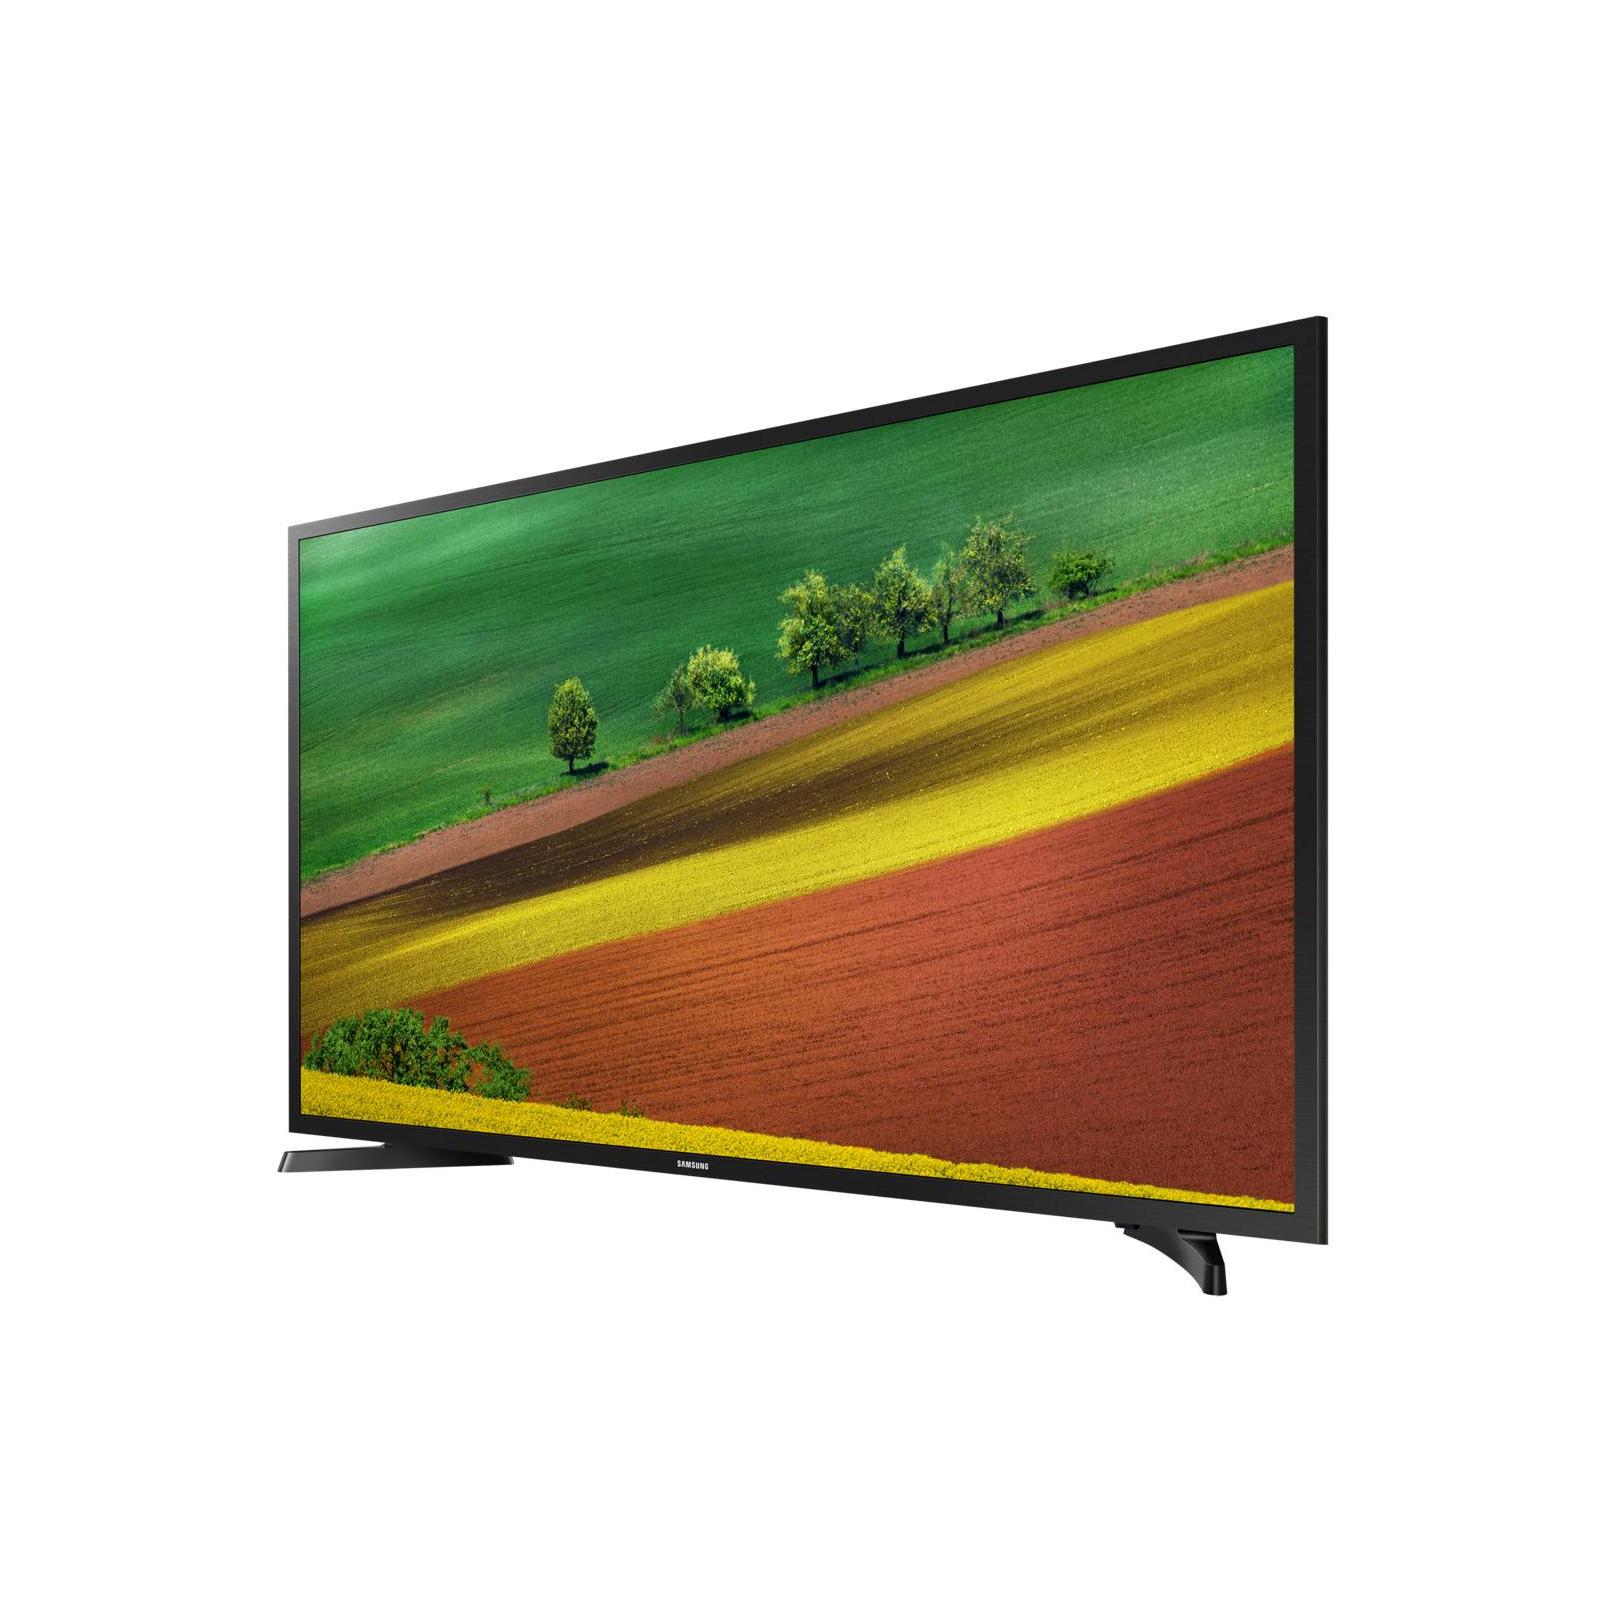 Телевизор Samsung UE32N5000AUXUA изображение 3